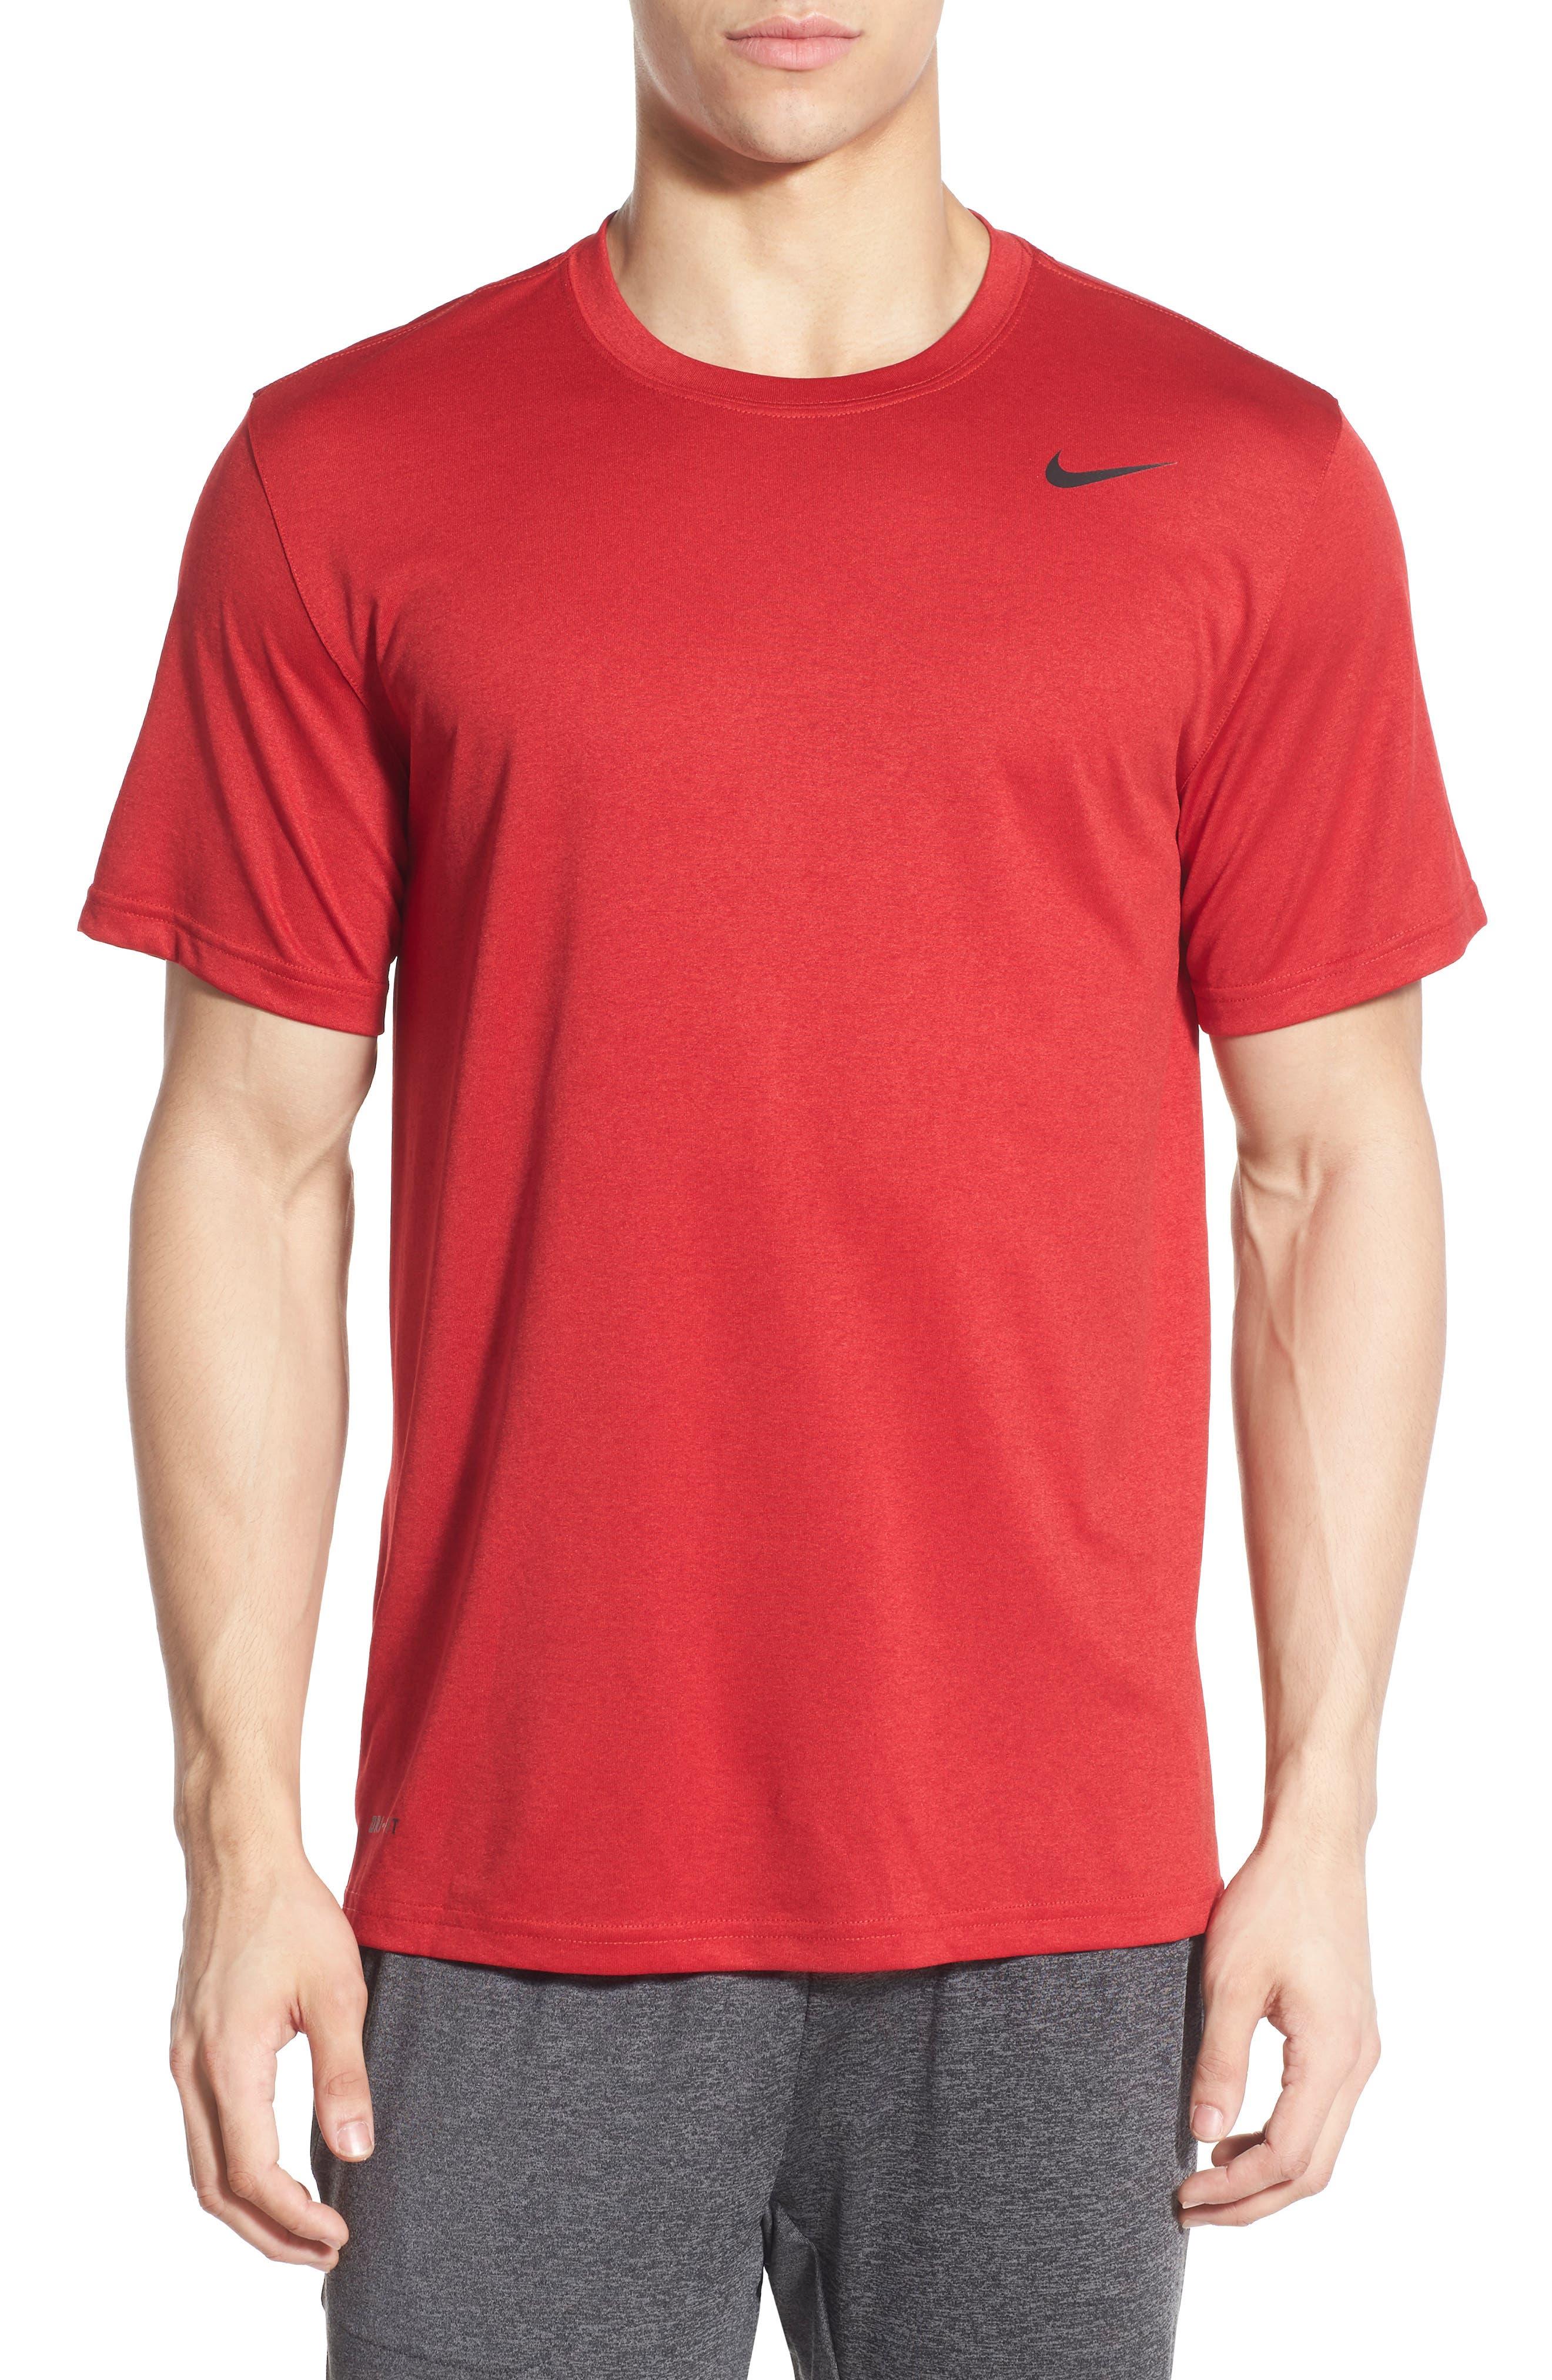 Legend 2.0 Dri-FIT Graphic T-Shirt,                             Alternate thumbnail 6, color,                             GYM RED/BLACK/BLACK